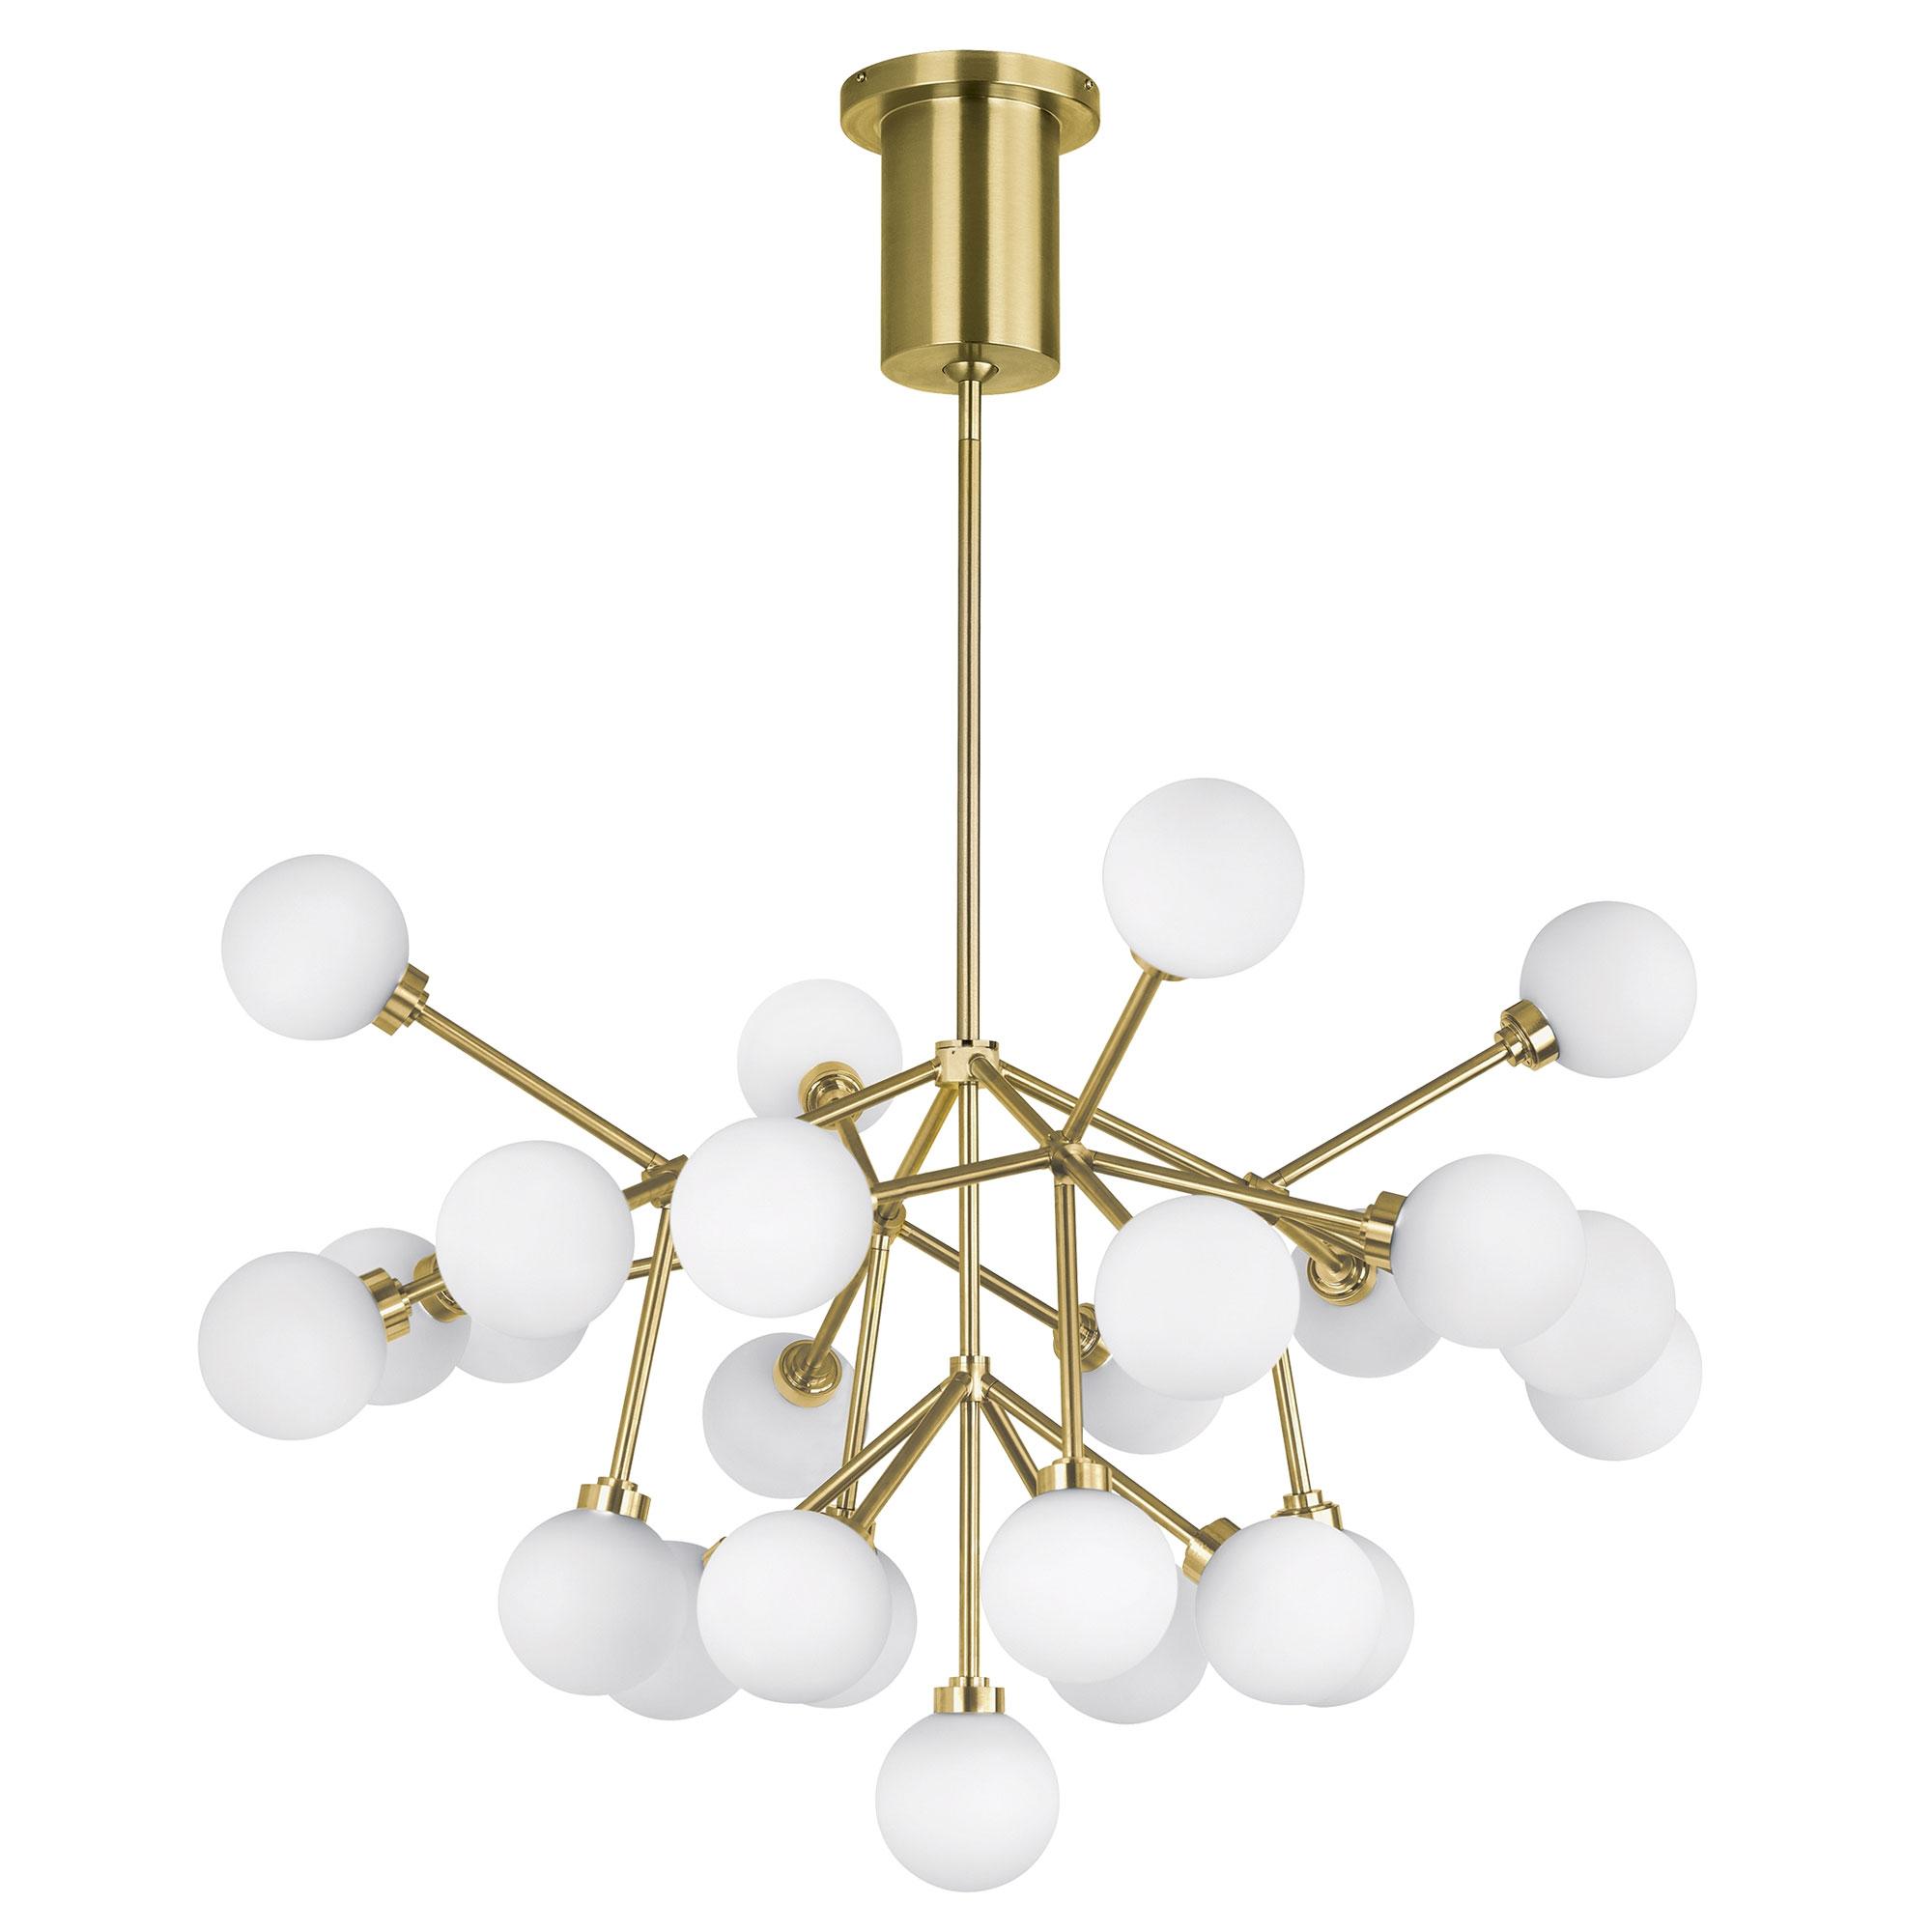 Mara chandelier by tech lighting 700mrawr led927 aloadofball Gallery